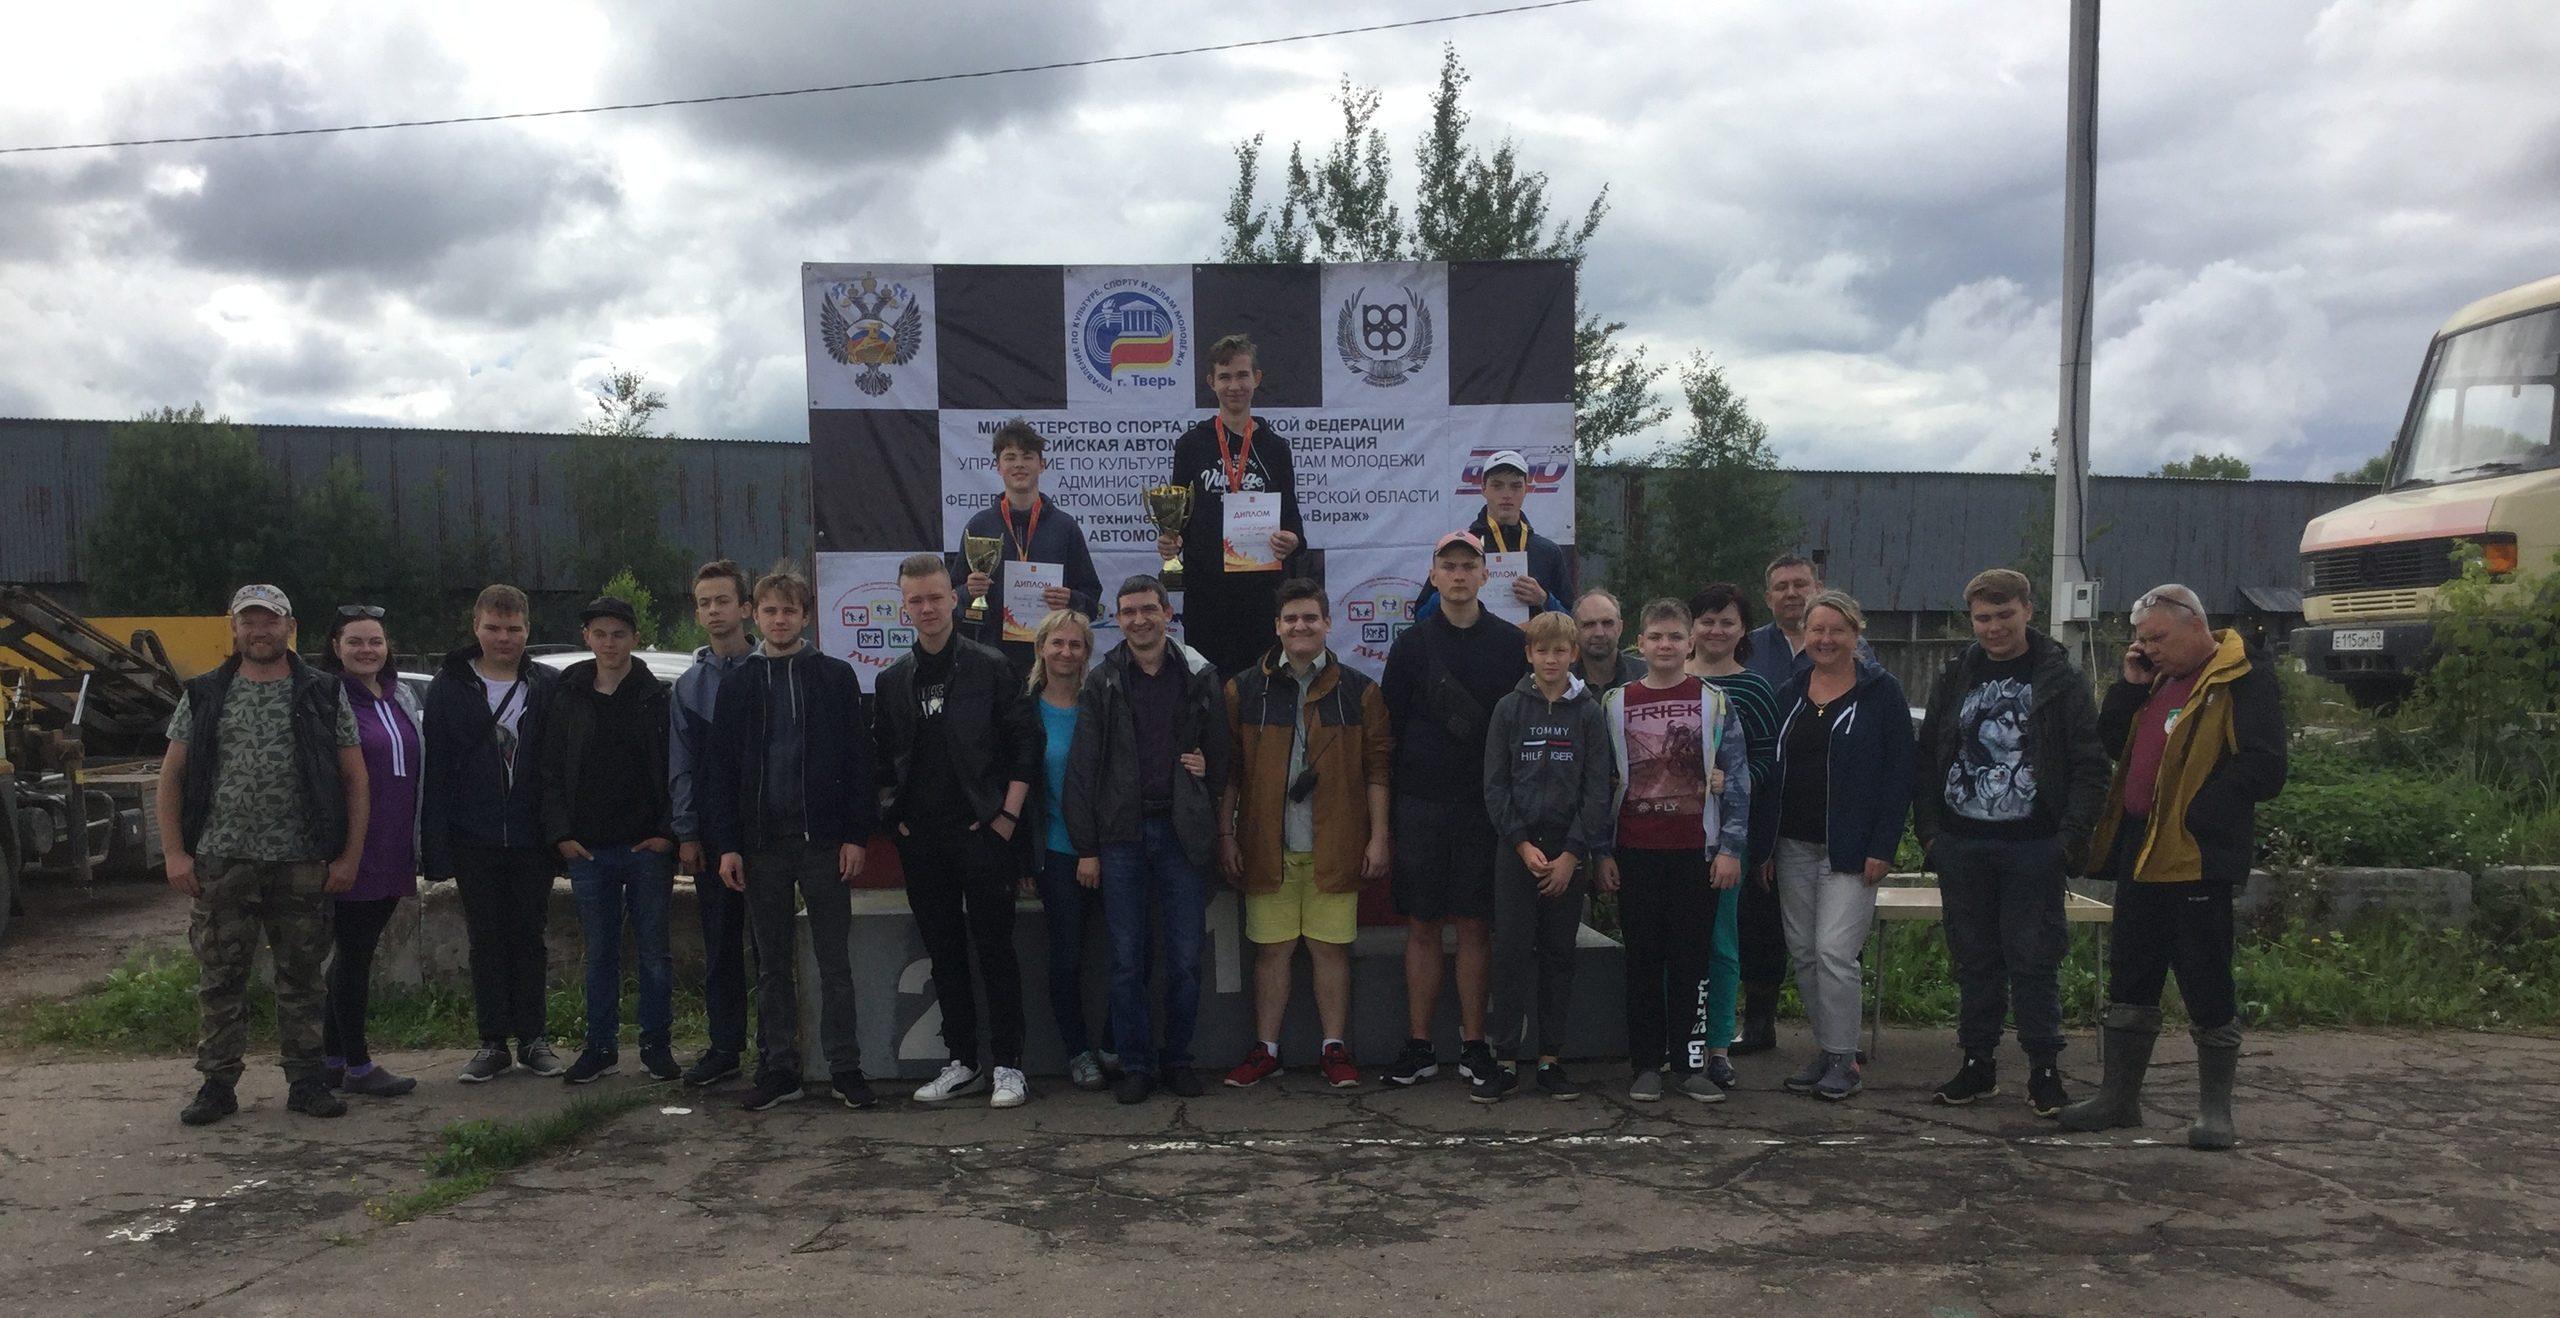 Соревнования по автомногоборью среди юниоров прошли В Твери